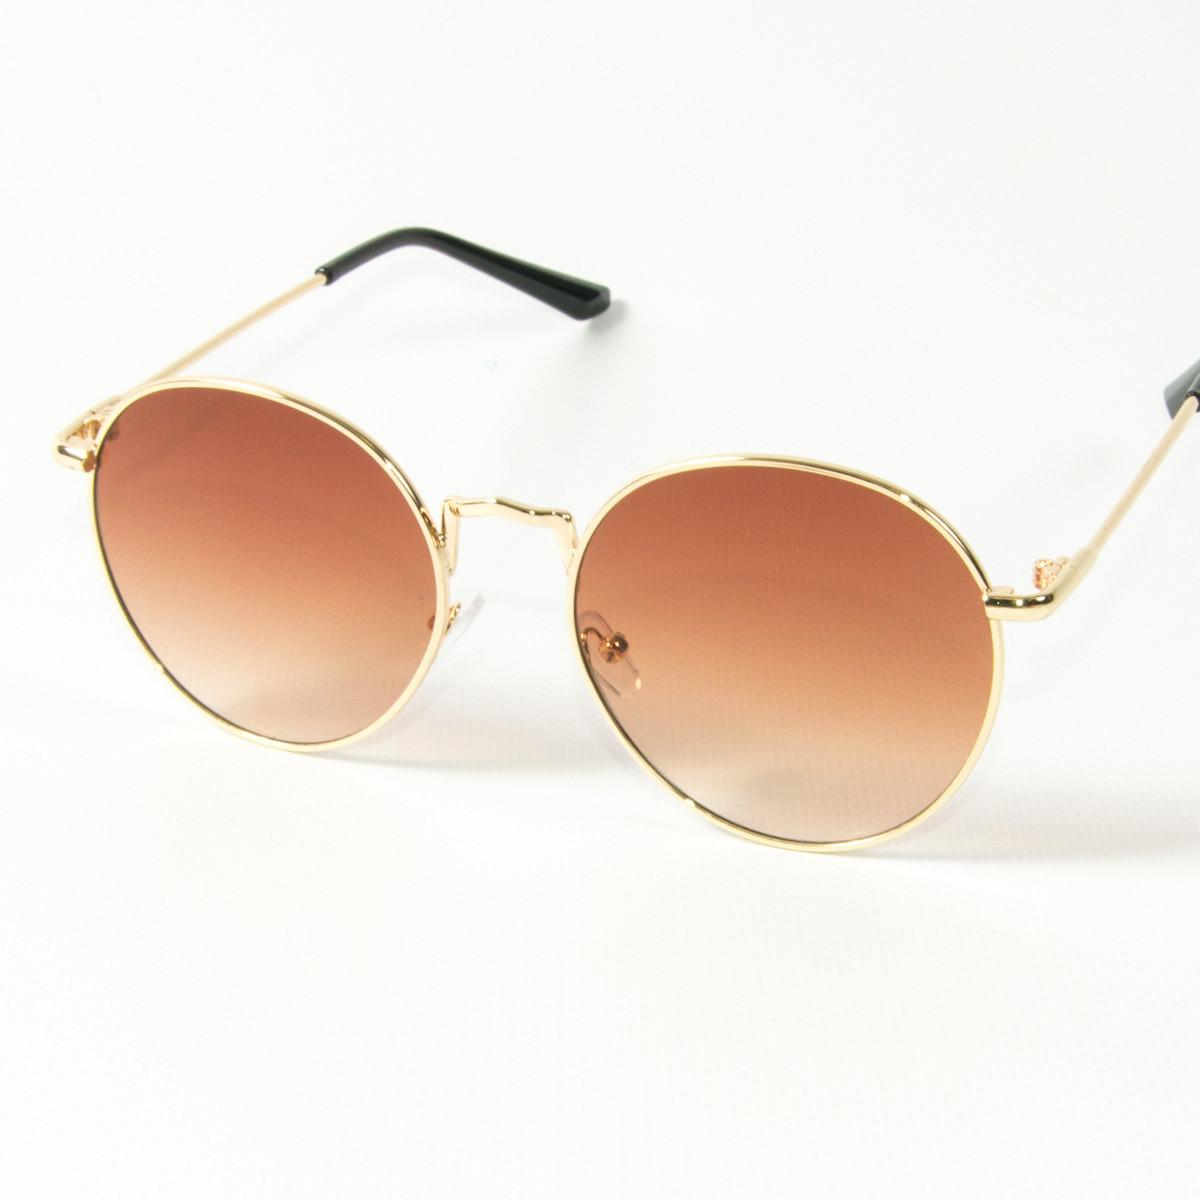 Оптом солнцезащитные очки круглые  (арт. 10-9844/3) коричневые